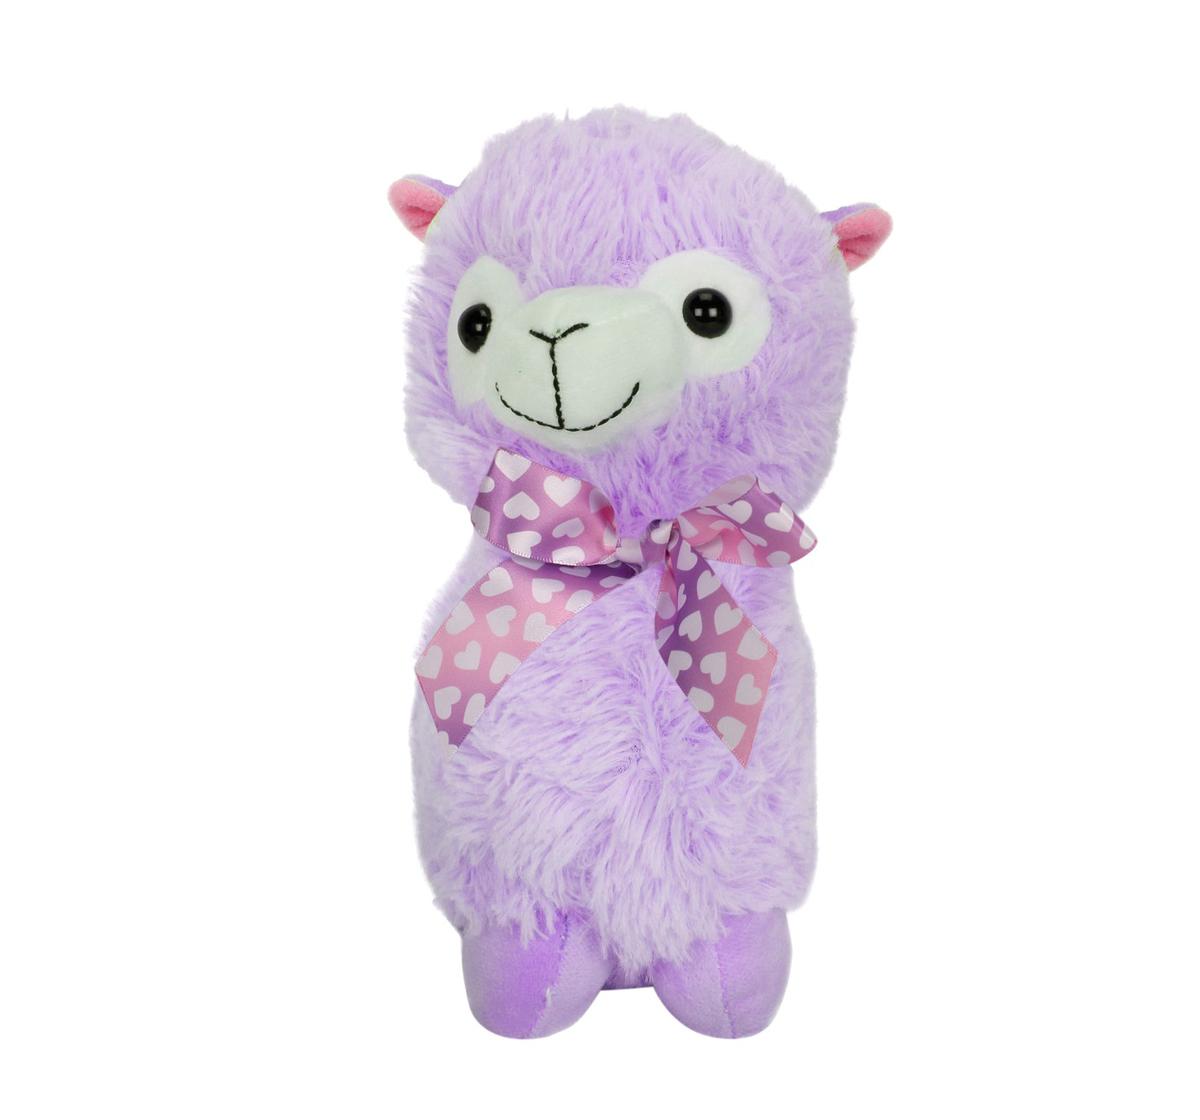 Fuzzbuzz   Fuzzbuzz Llama Stuffed Plush Toy - Purple - 33Cm Quirky Soft Toys for Kids age 0M+ - 33 Cm (Purple)